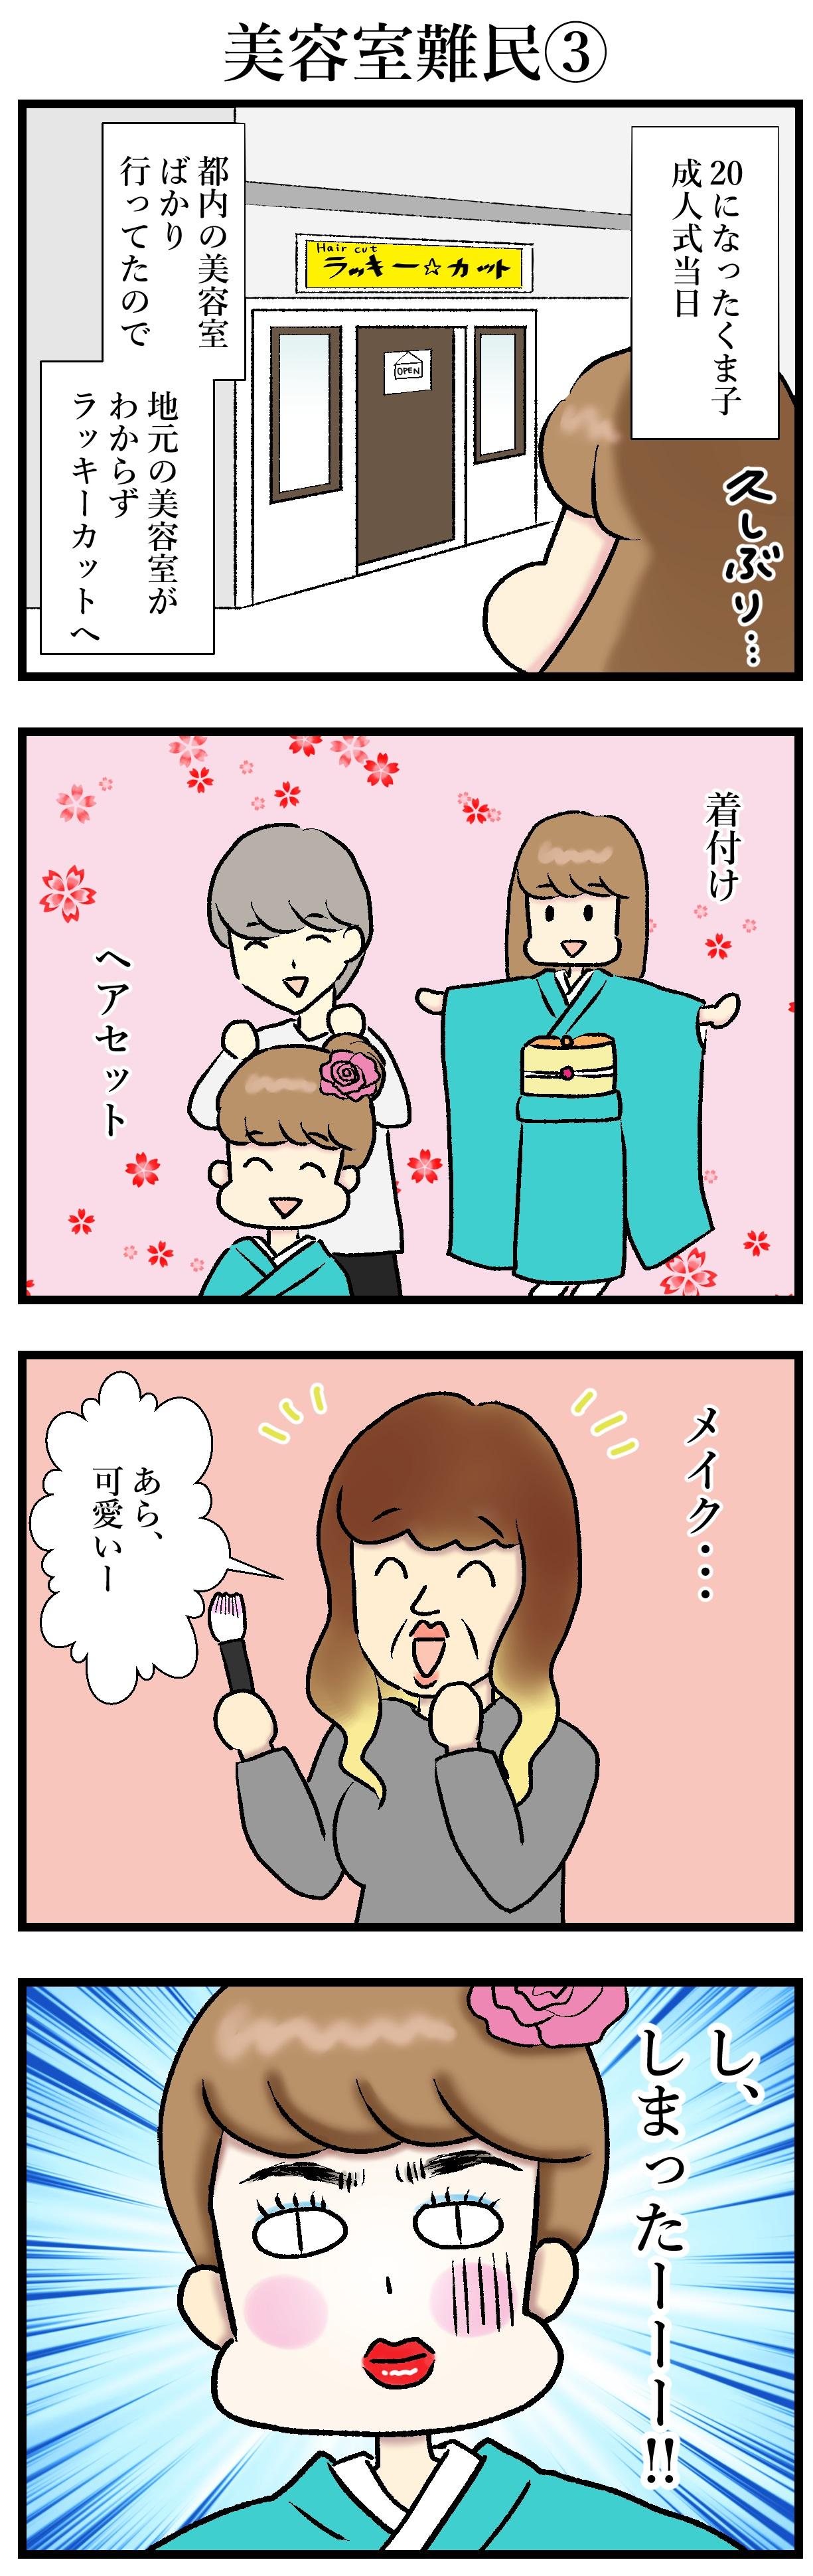 【エッセイ漫画】アラサー主婦くま子のふがいない日常(12)